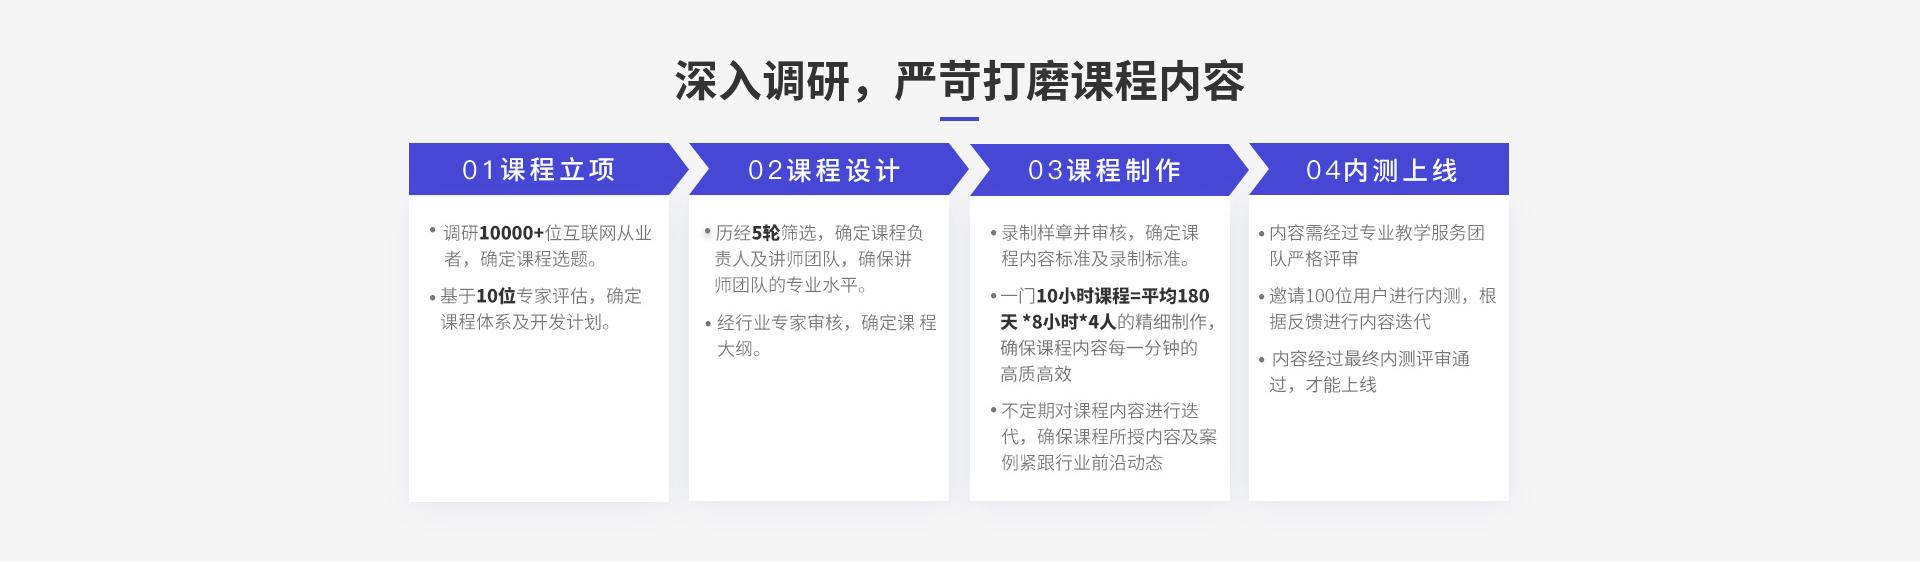 技术课pc_09.jpg